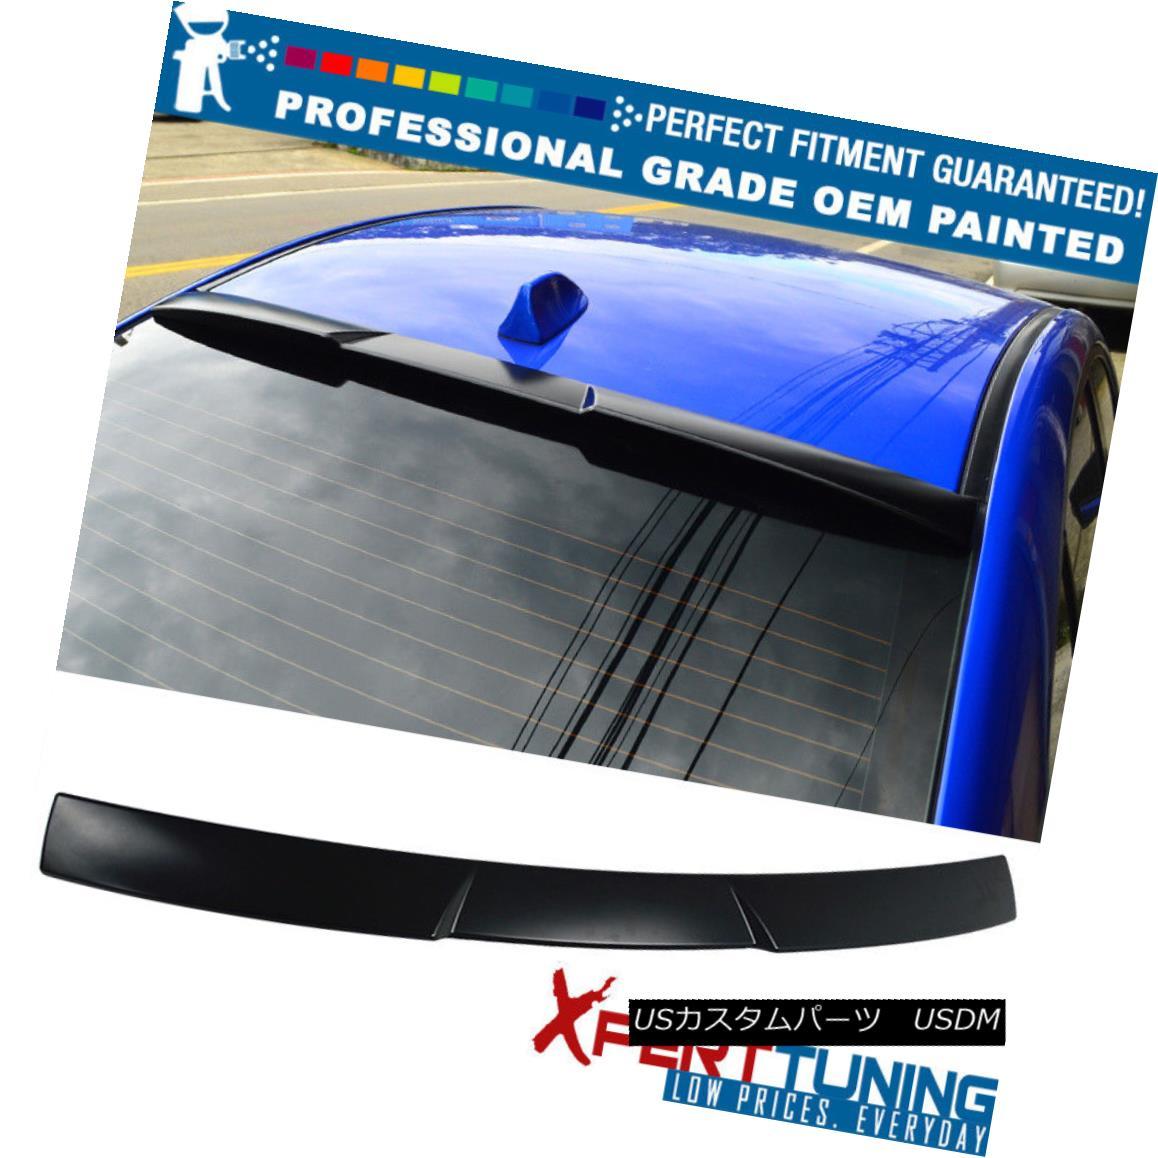 エアロパーツ Fits 15 18 Subaru WRX STI V Style Painted Roof Spoiler Wing OEM Painted Color フィット15 15 Subaru WRX STI Vスタイル塗装ルーフスポイラーウイングOEM塗装カラー